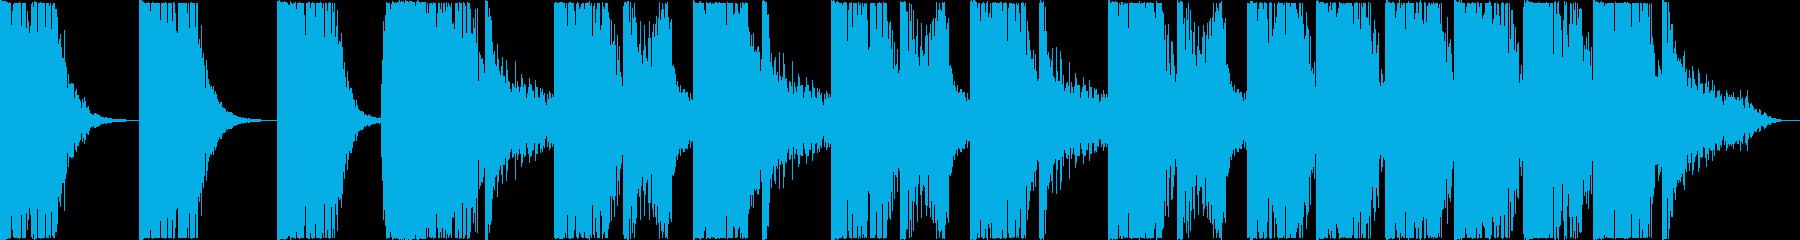 打楽器 BPM=106の再生済みの波形